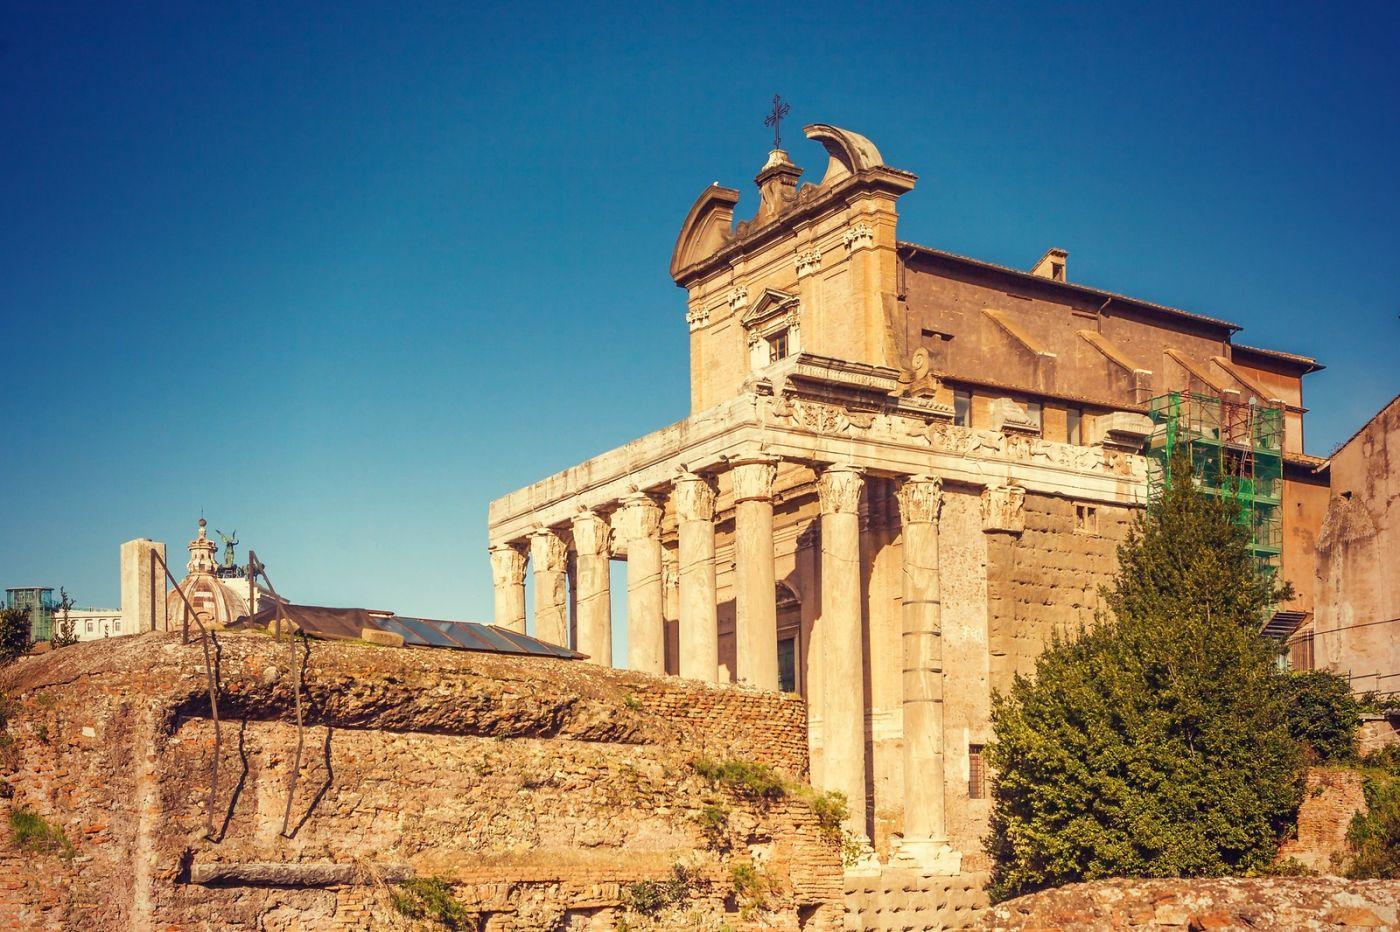 意大利罗马论坛,二千年的历史_图1-22